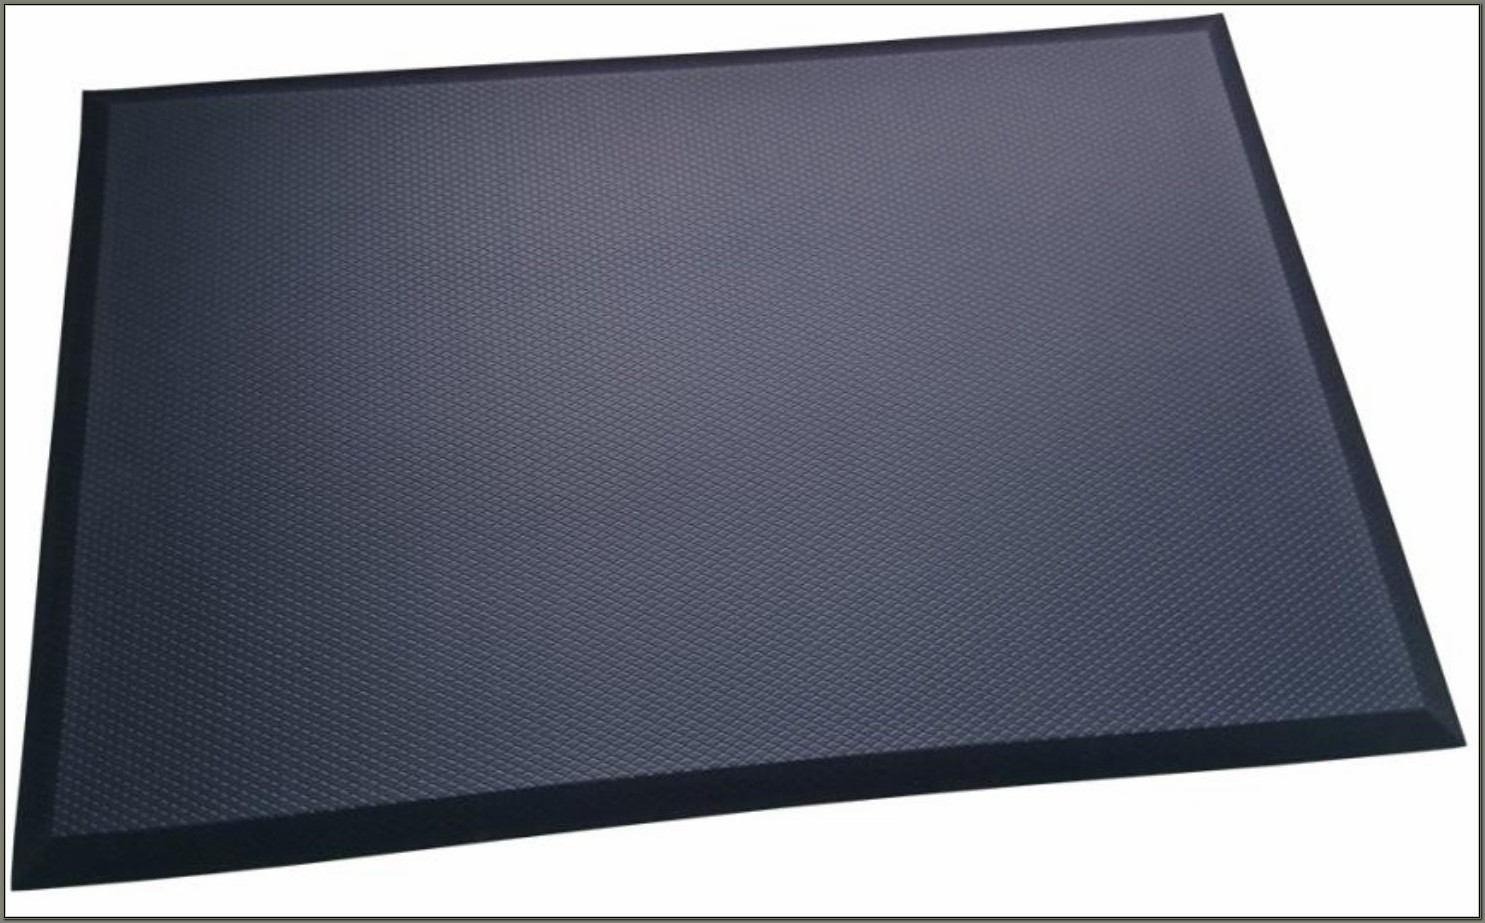 Best Anti Fatigue Mat For Standing Desk